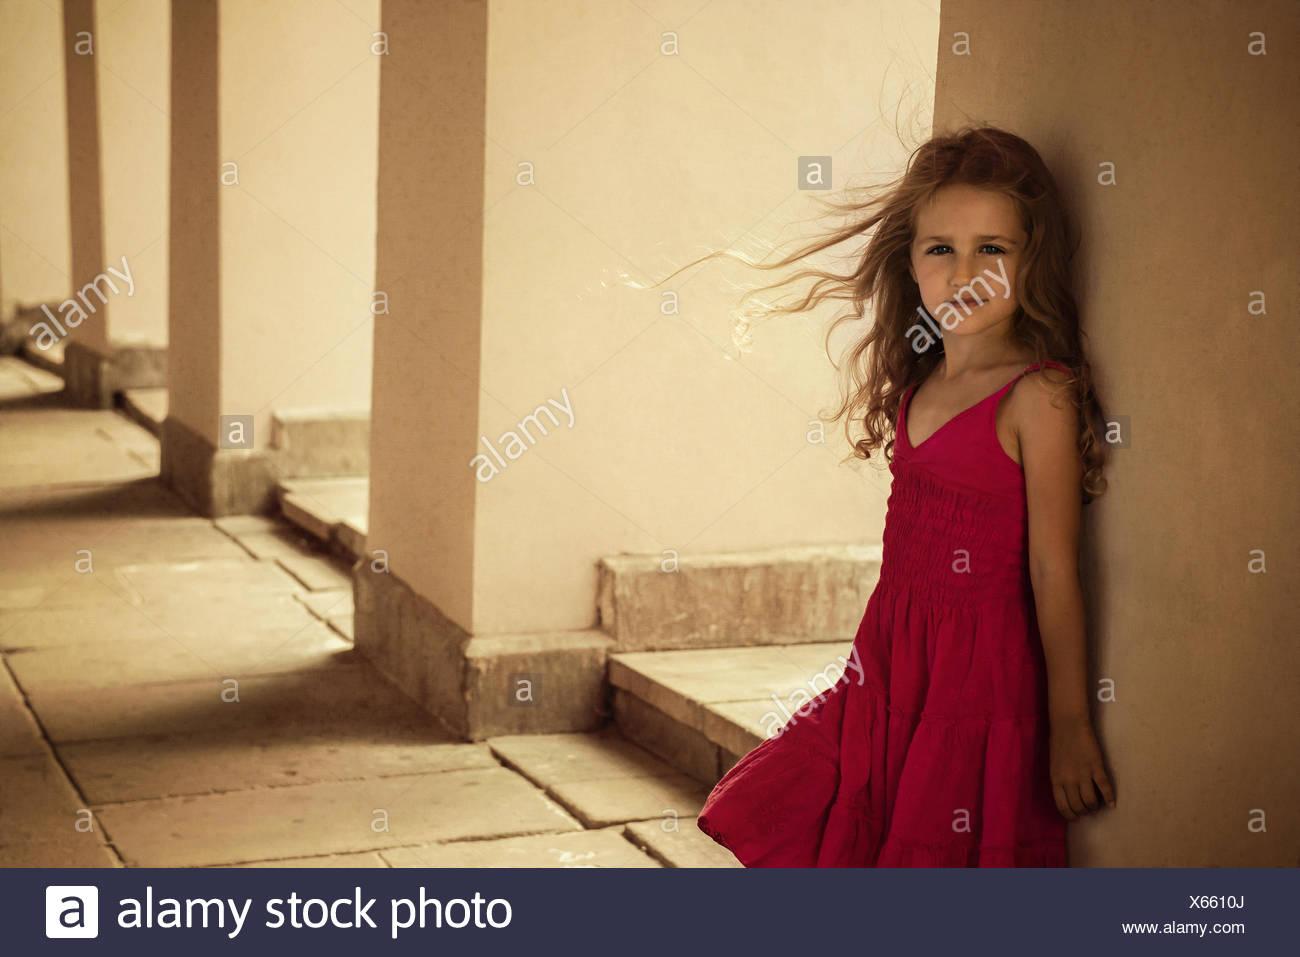 Chica (4-5) posando en vestido rojo Imagen De Stock